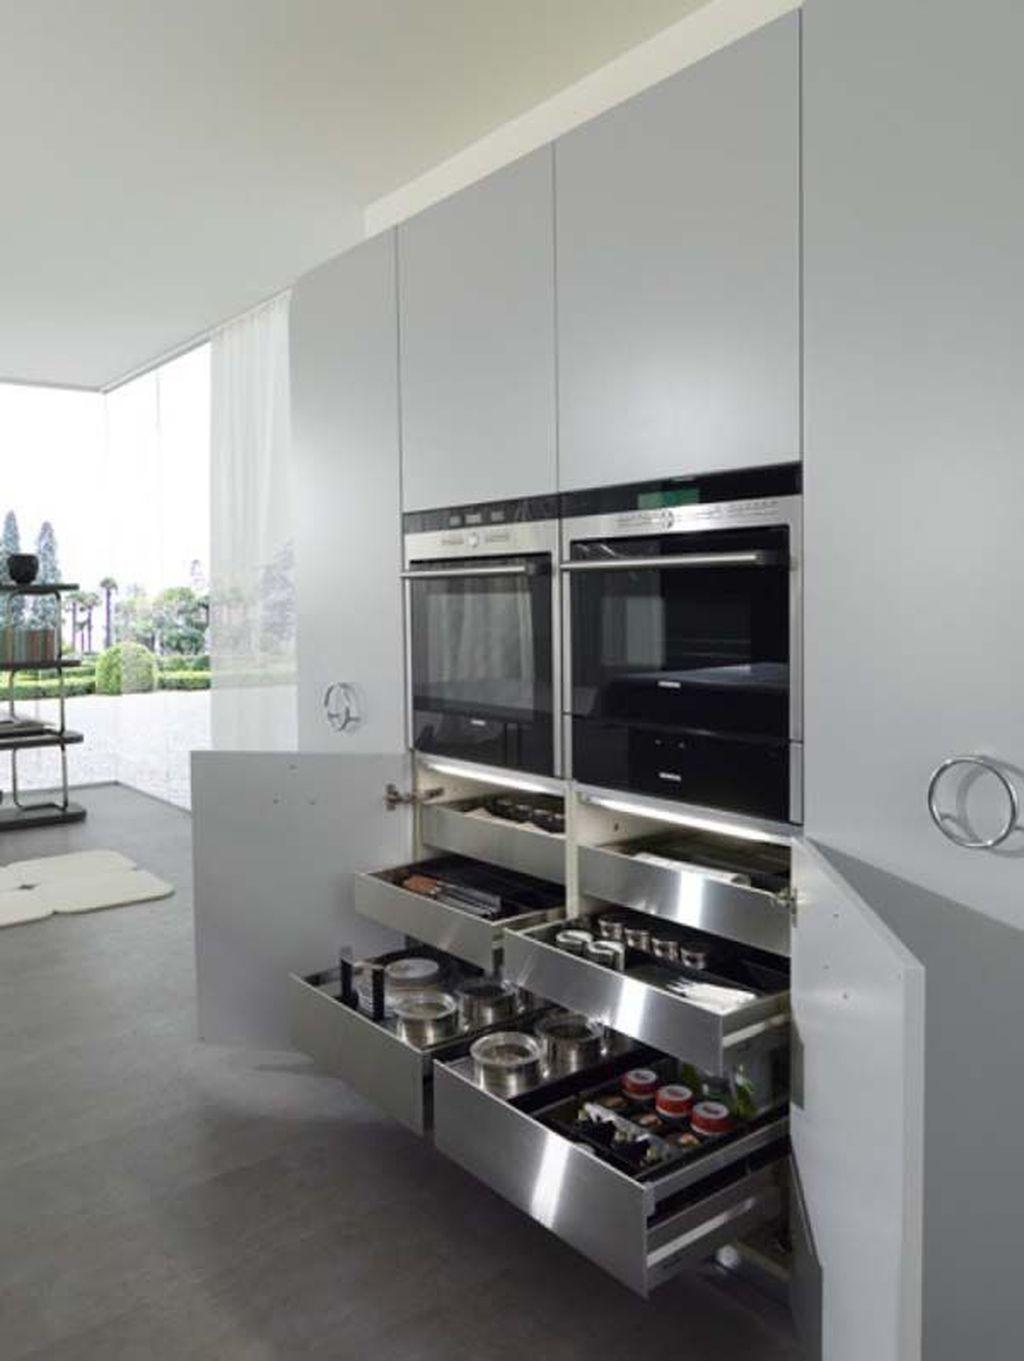 46 Most Popular Modern Kitchen Design Ideas #kitchenfurniture